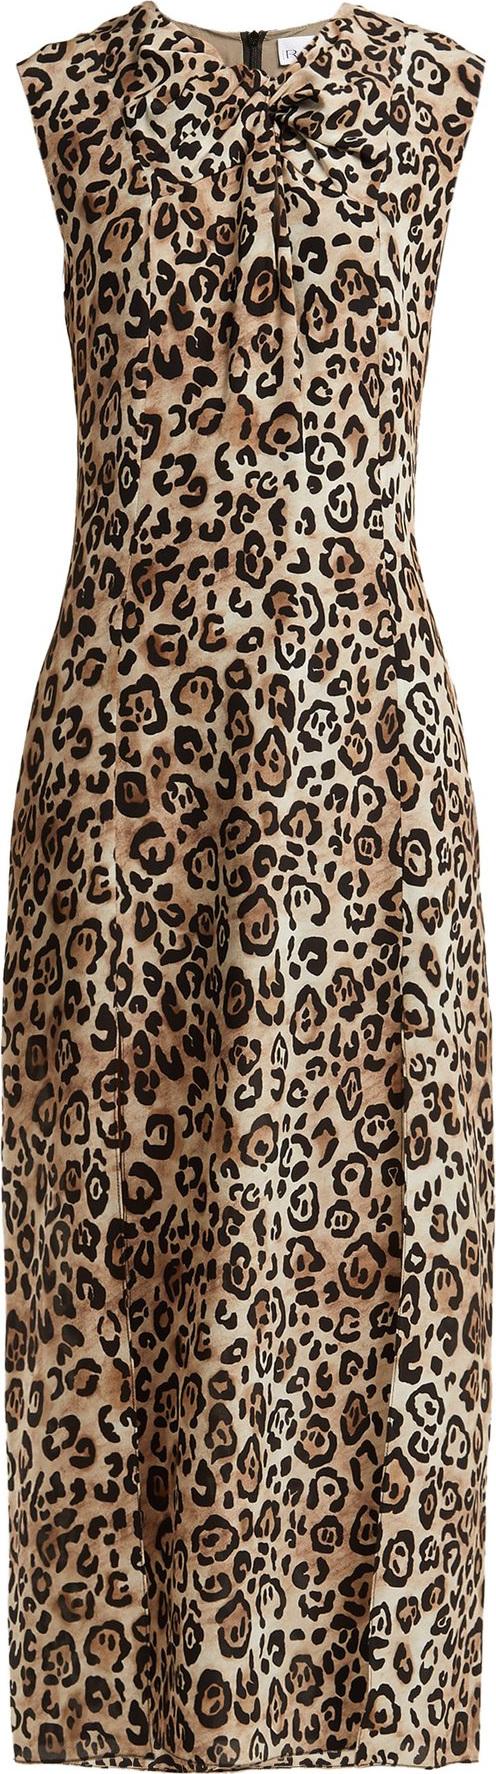 bc289cd21a Raey Knot-front leopard-print silk dress - Mkt